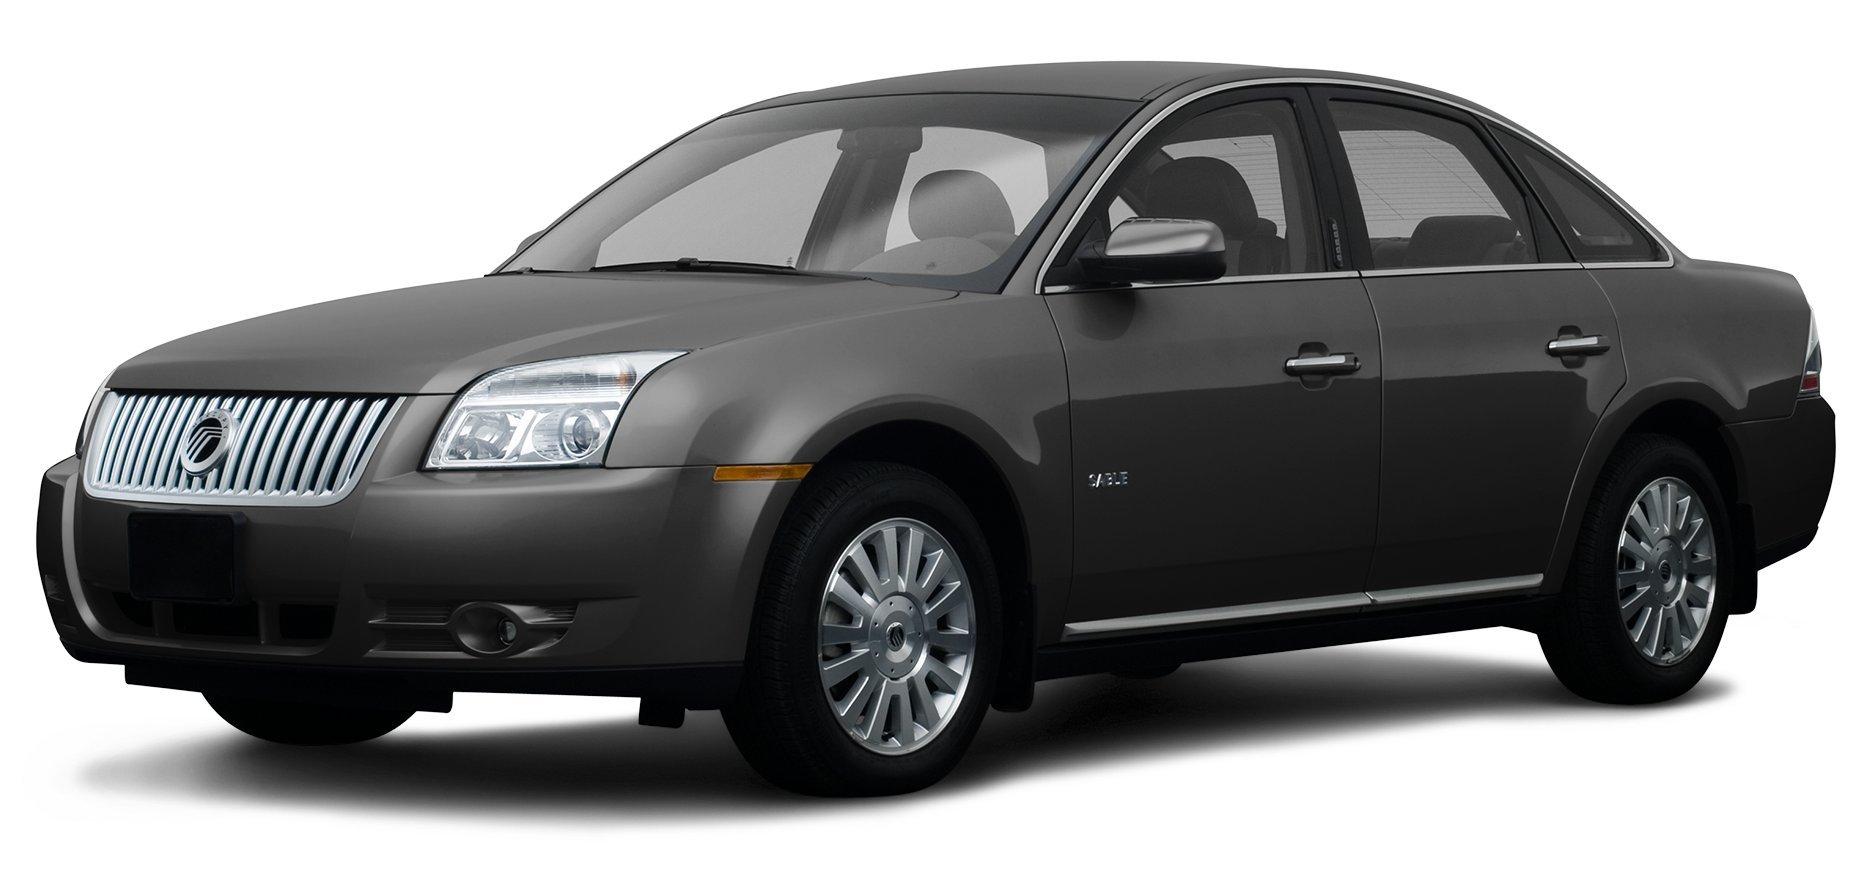 2008 aura xe specs